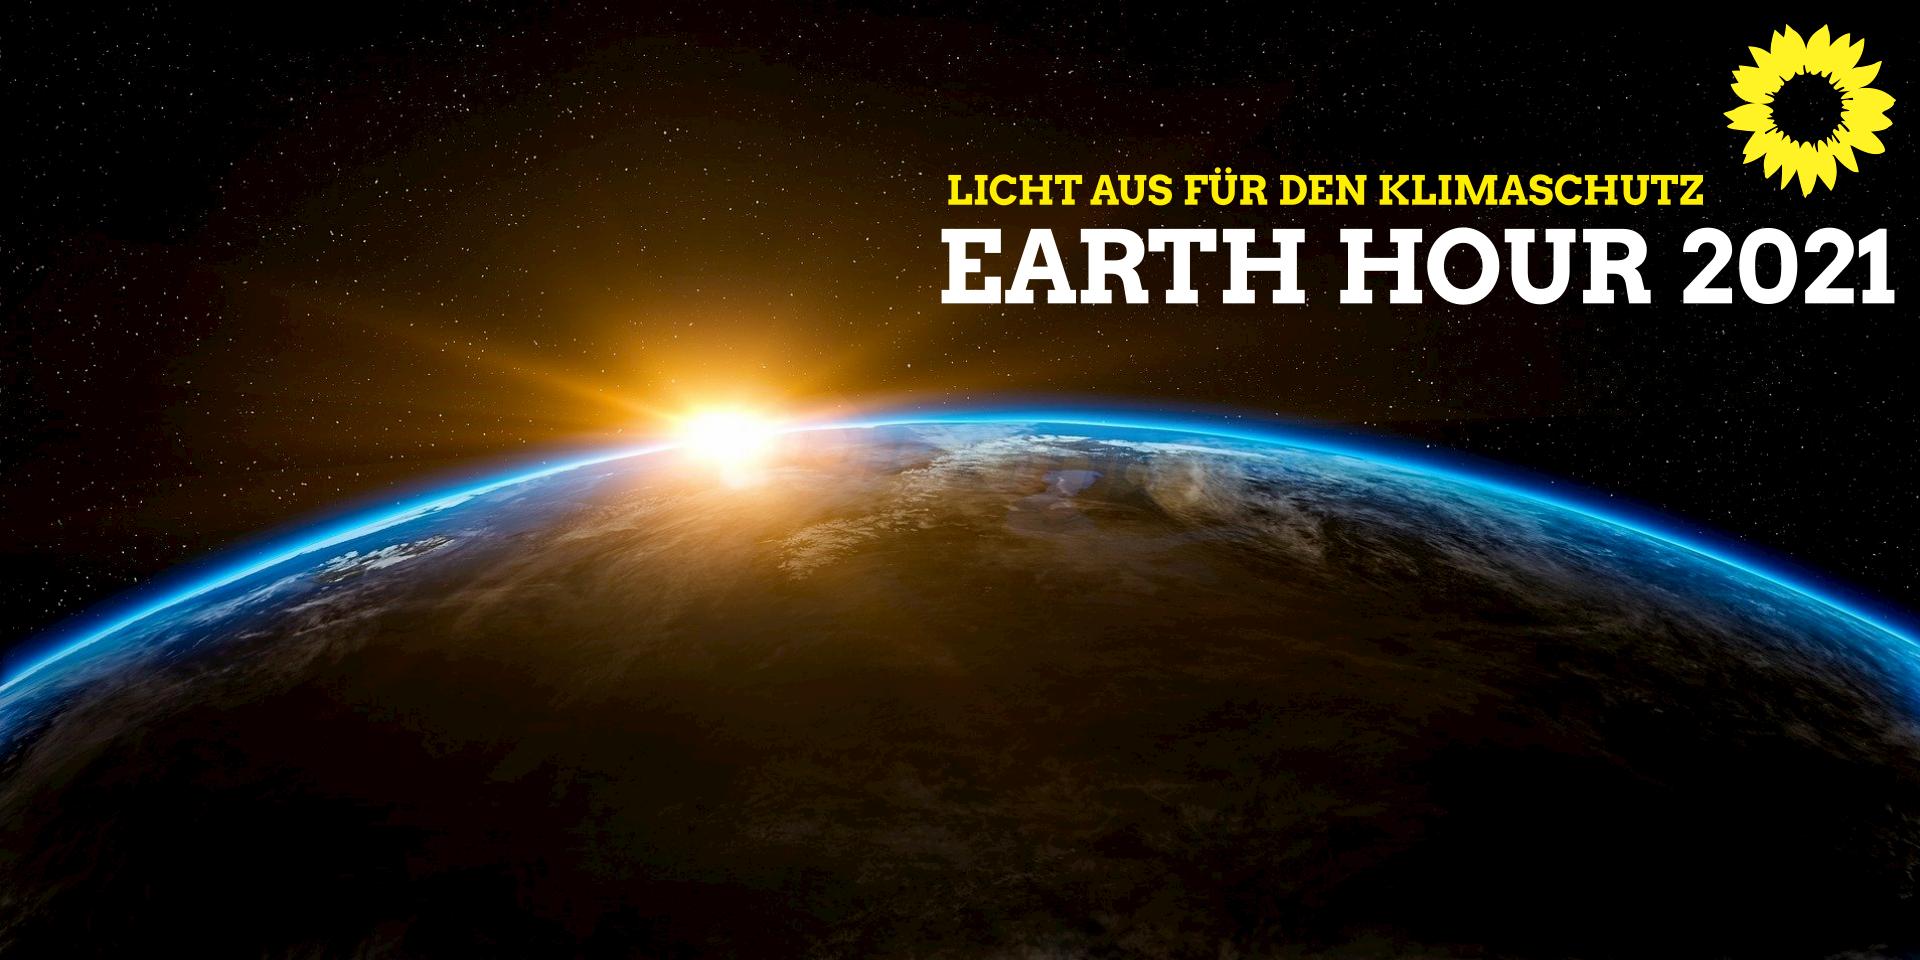 EARTH HOUR 2021 – Licht aus für den Klimaschutz